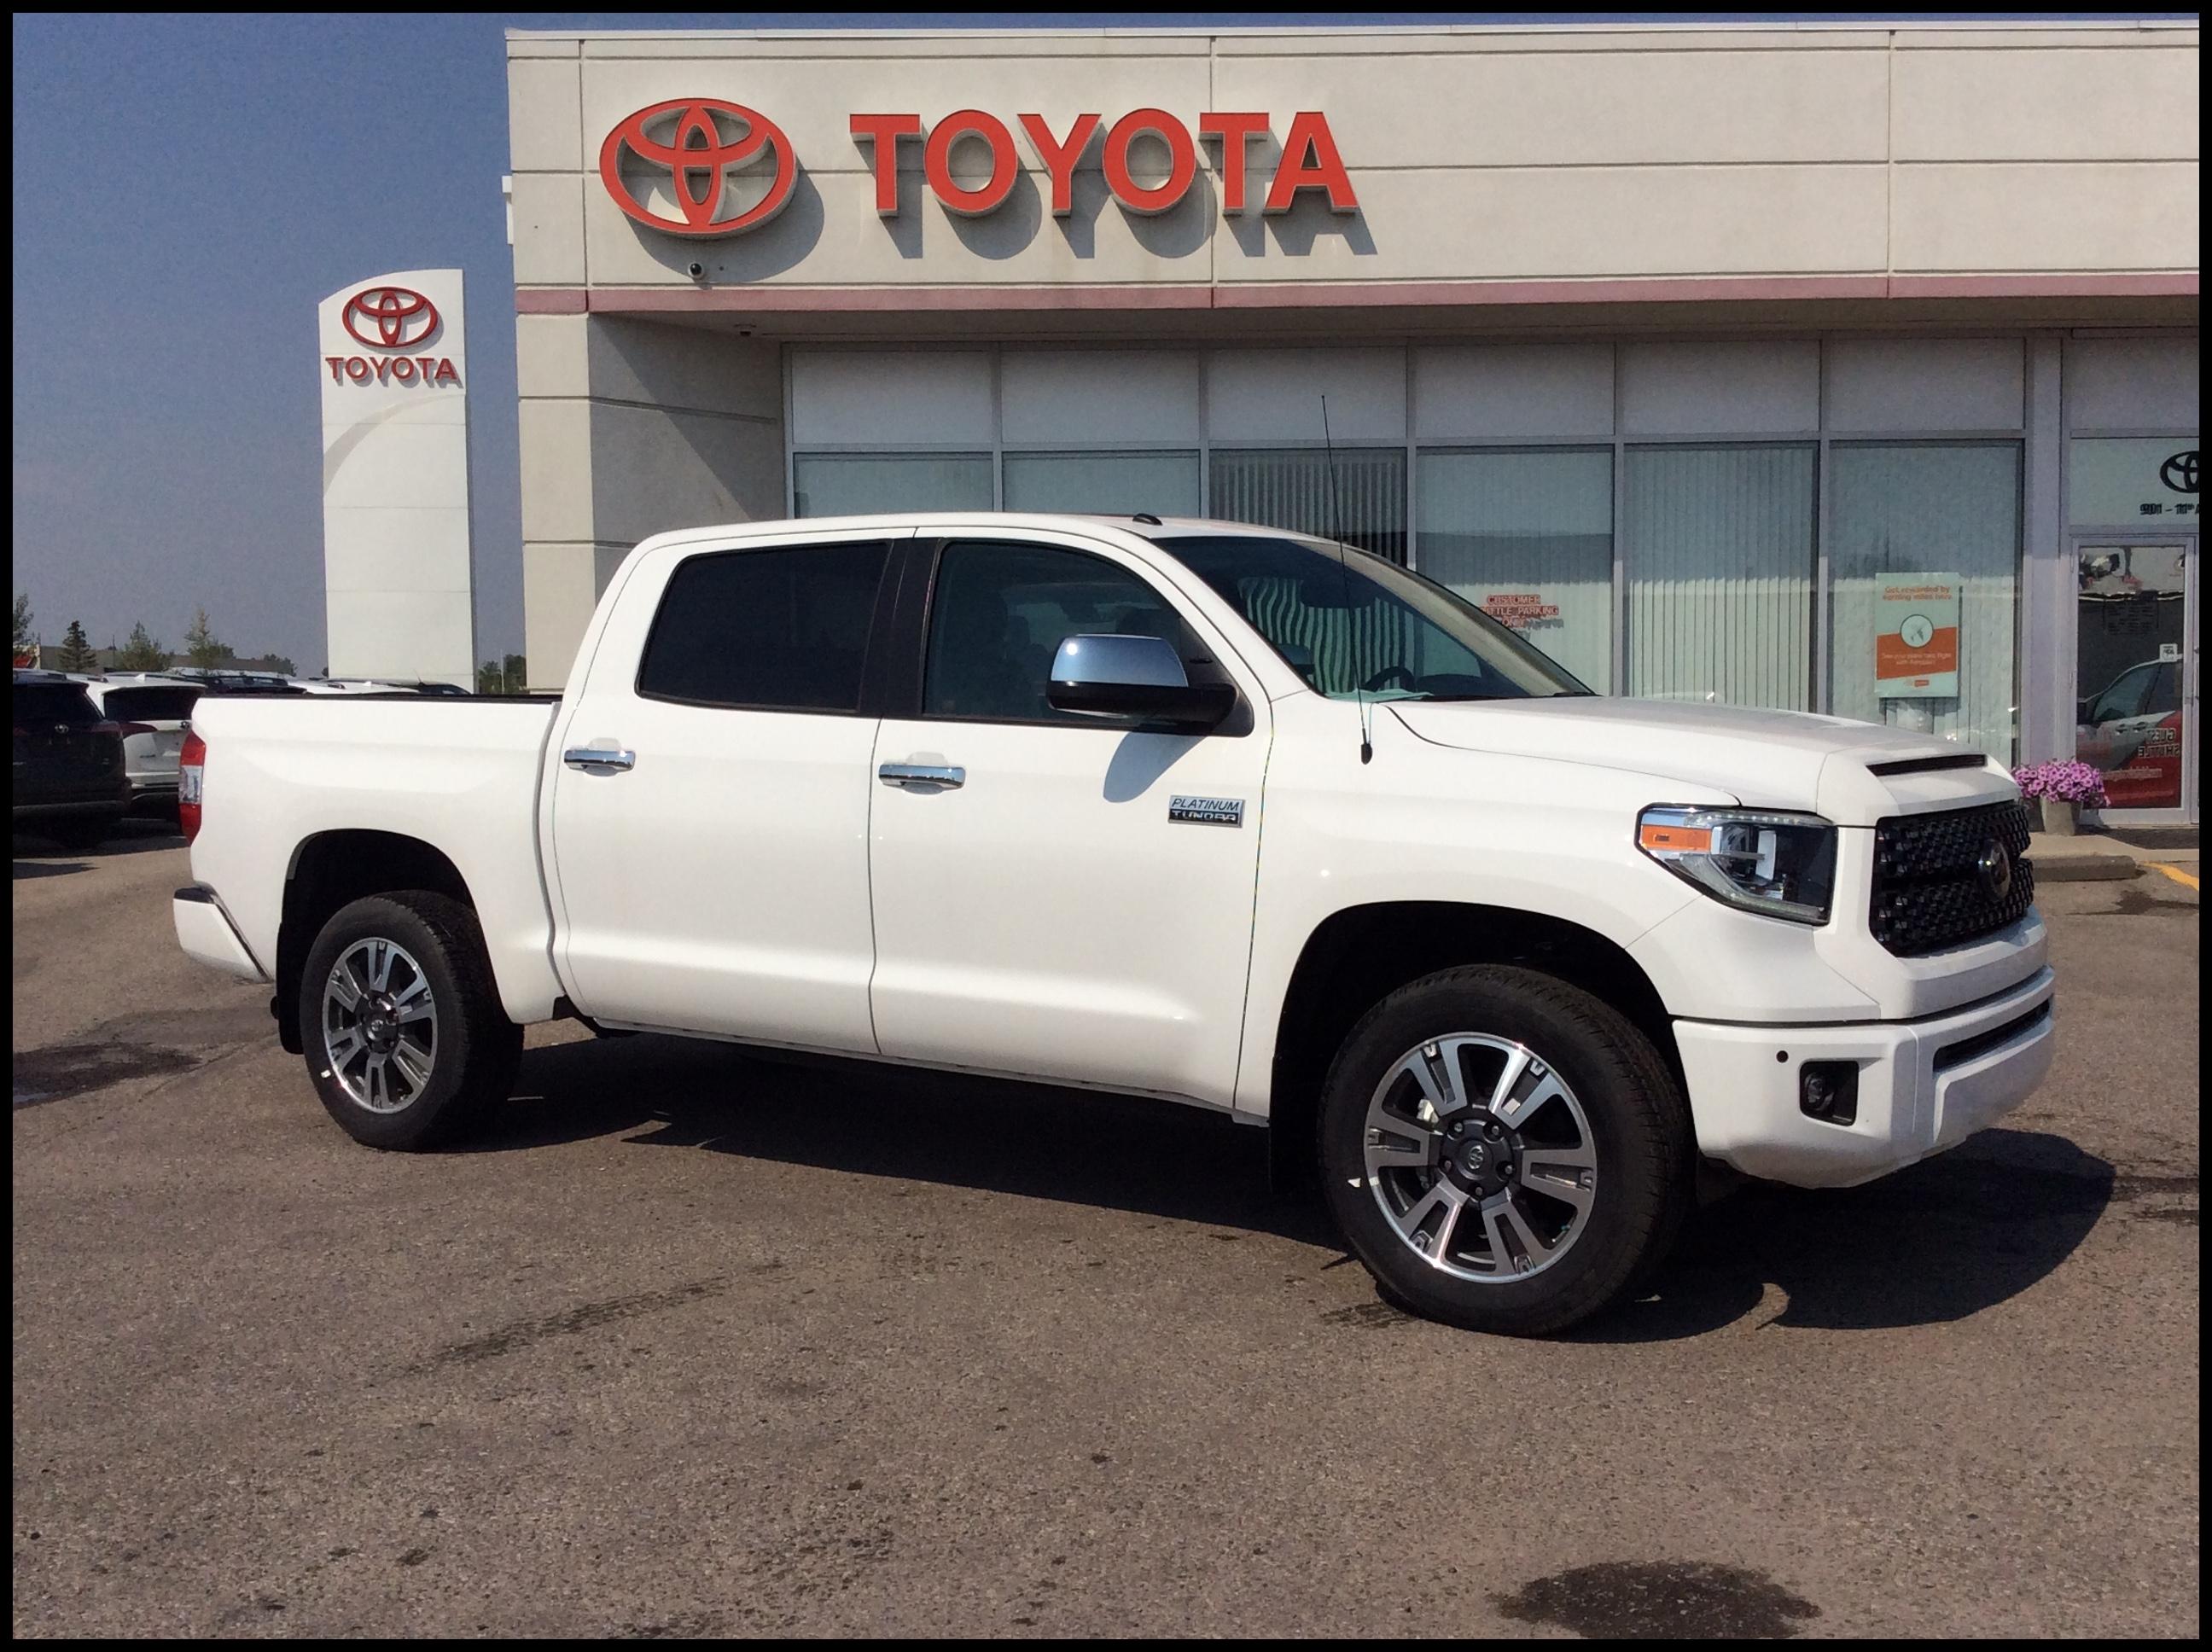 2018 Toyota Tundra 4x4 Crewmax Platinum 5 7L